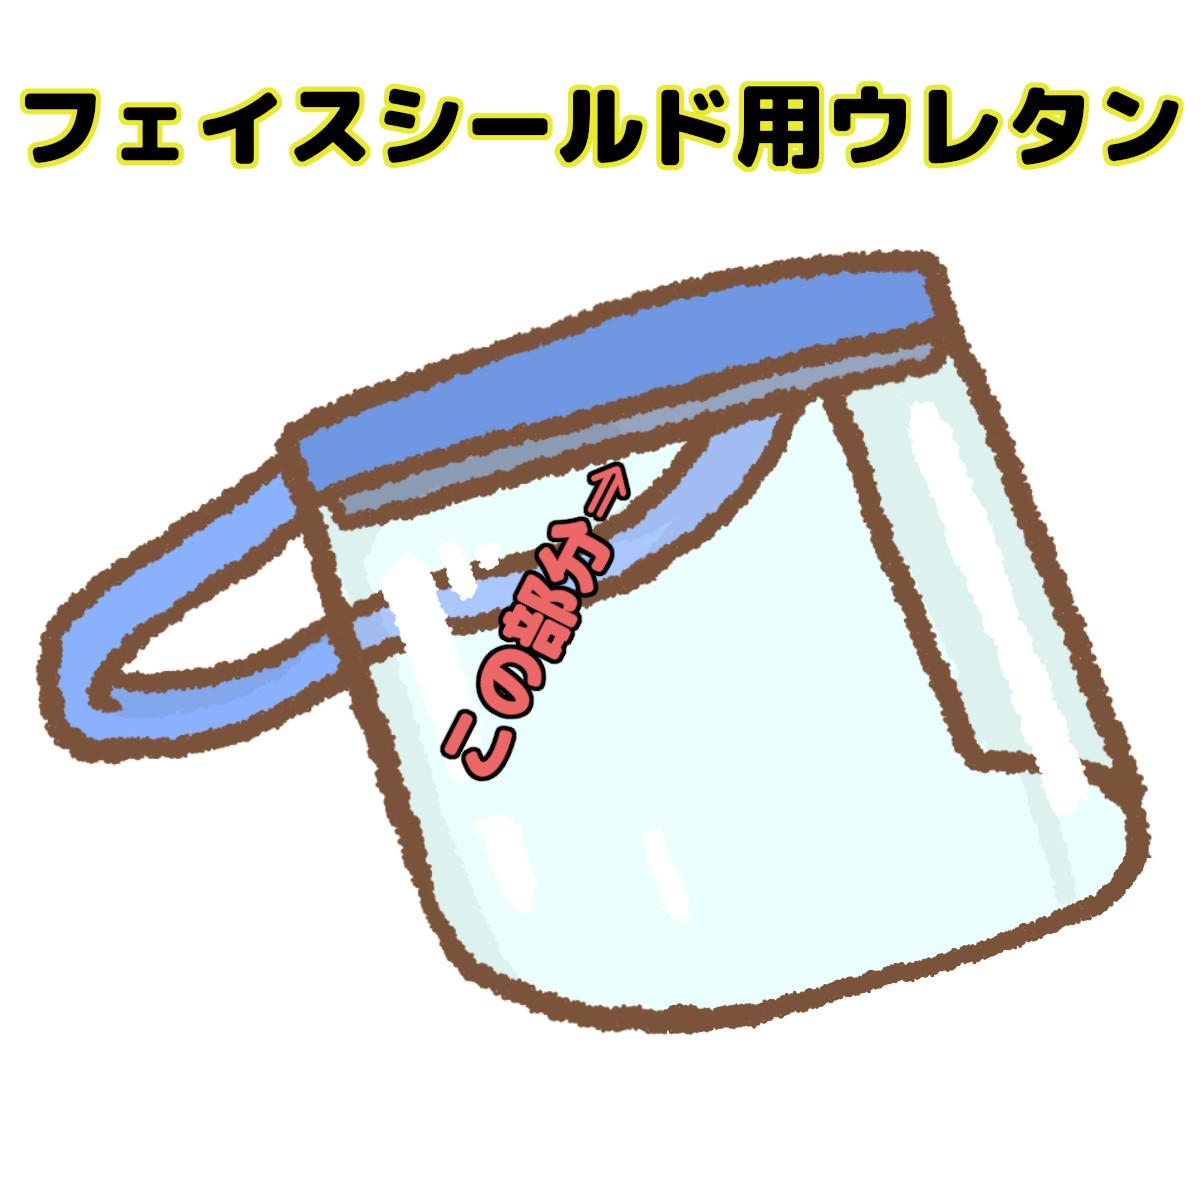 FSU1.jpg